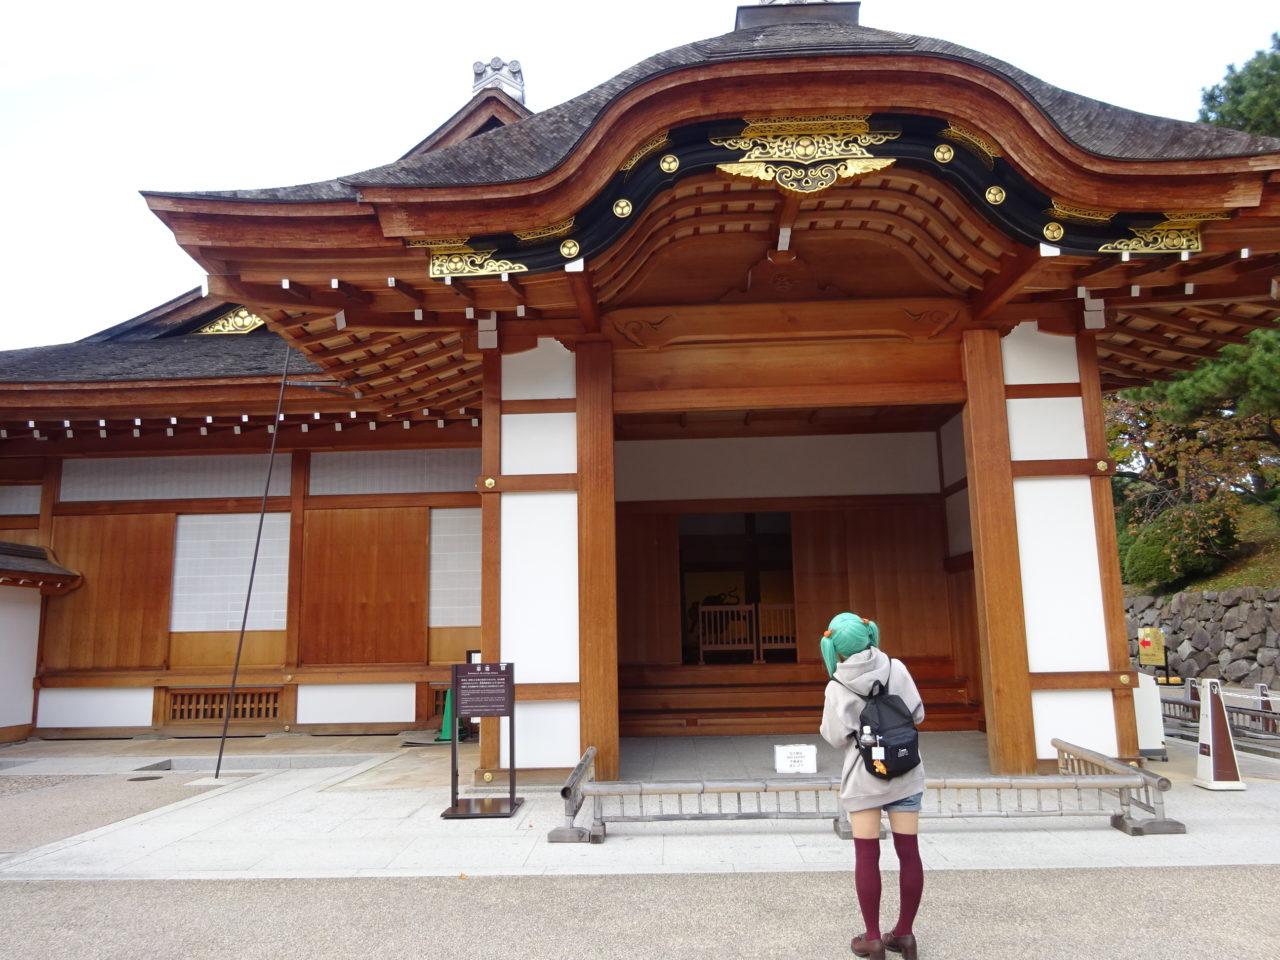 名古屋城本丸御殿コスプレ入場